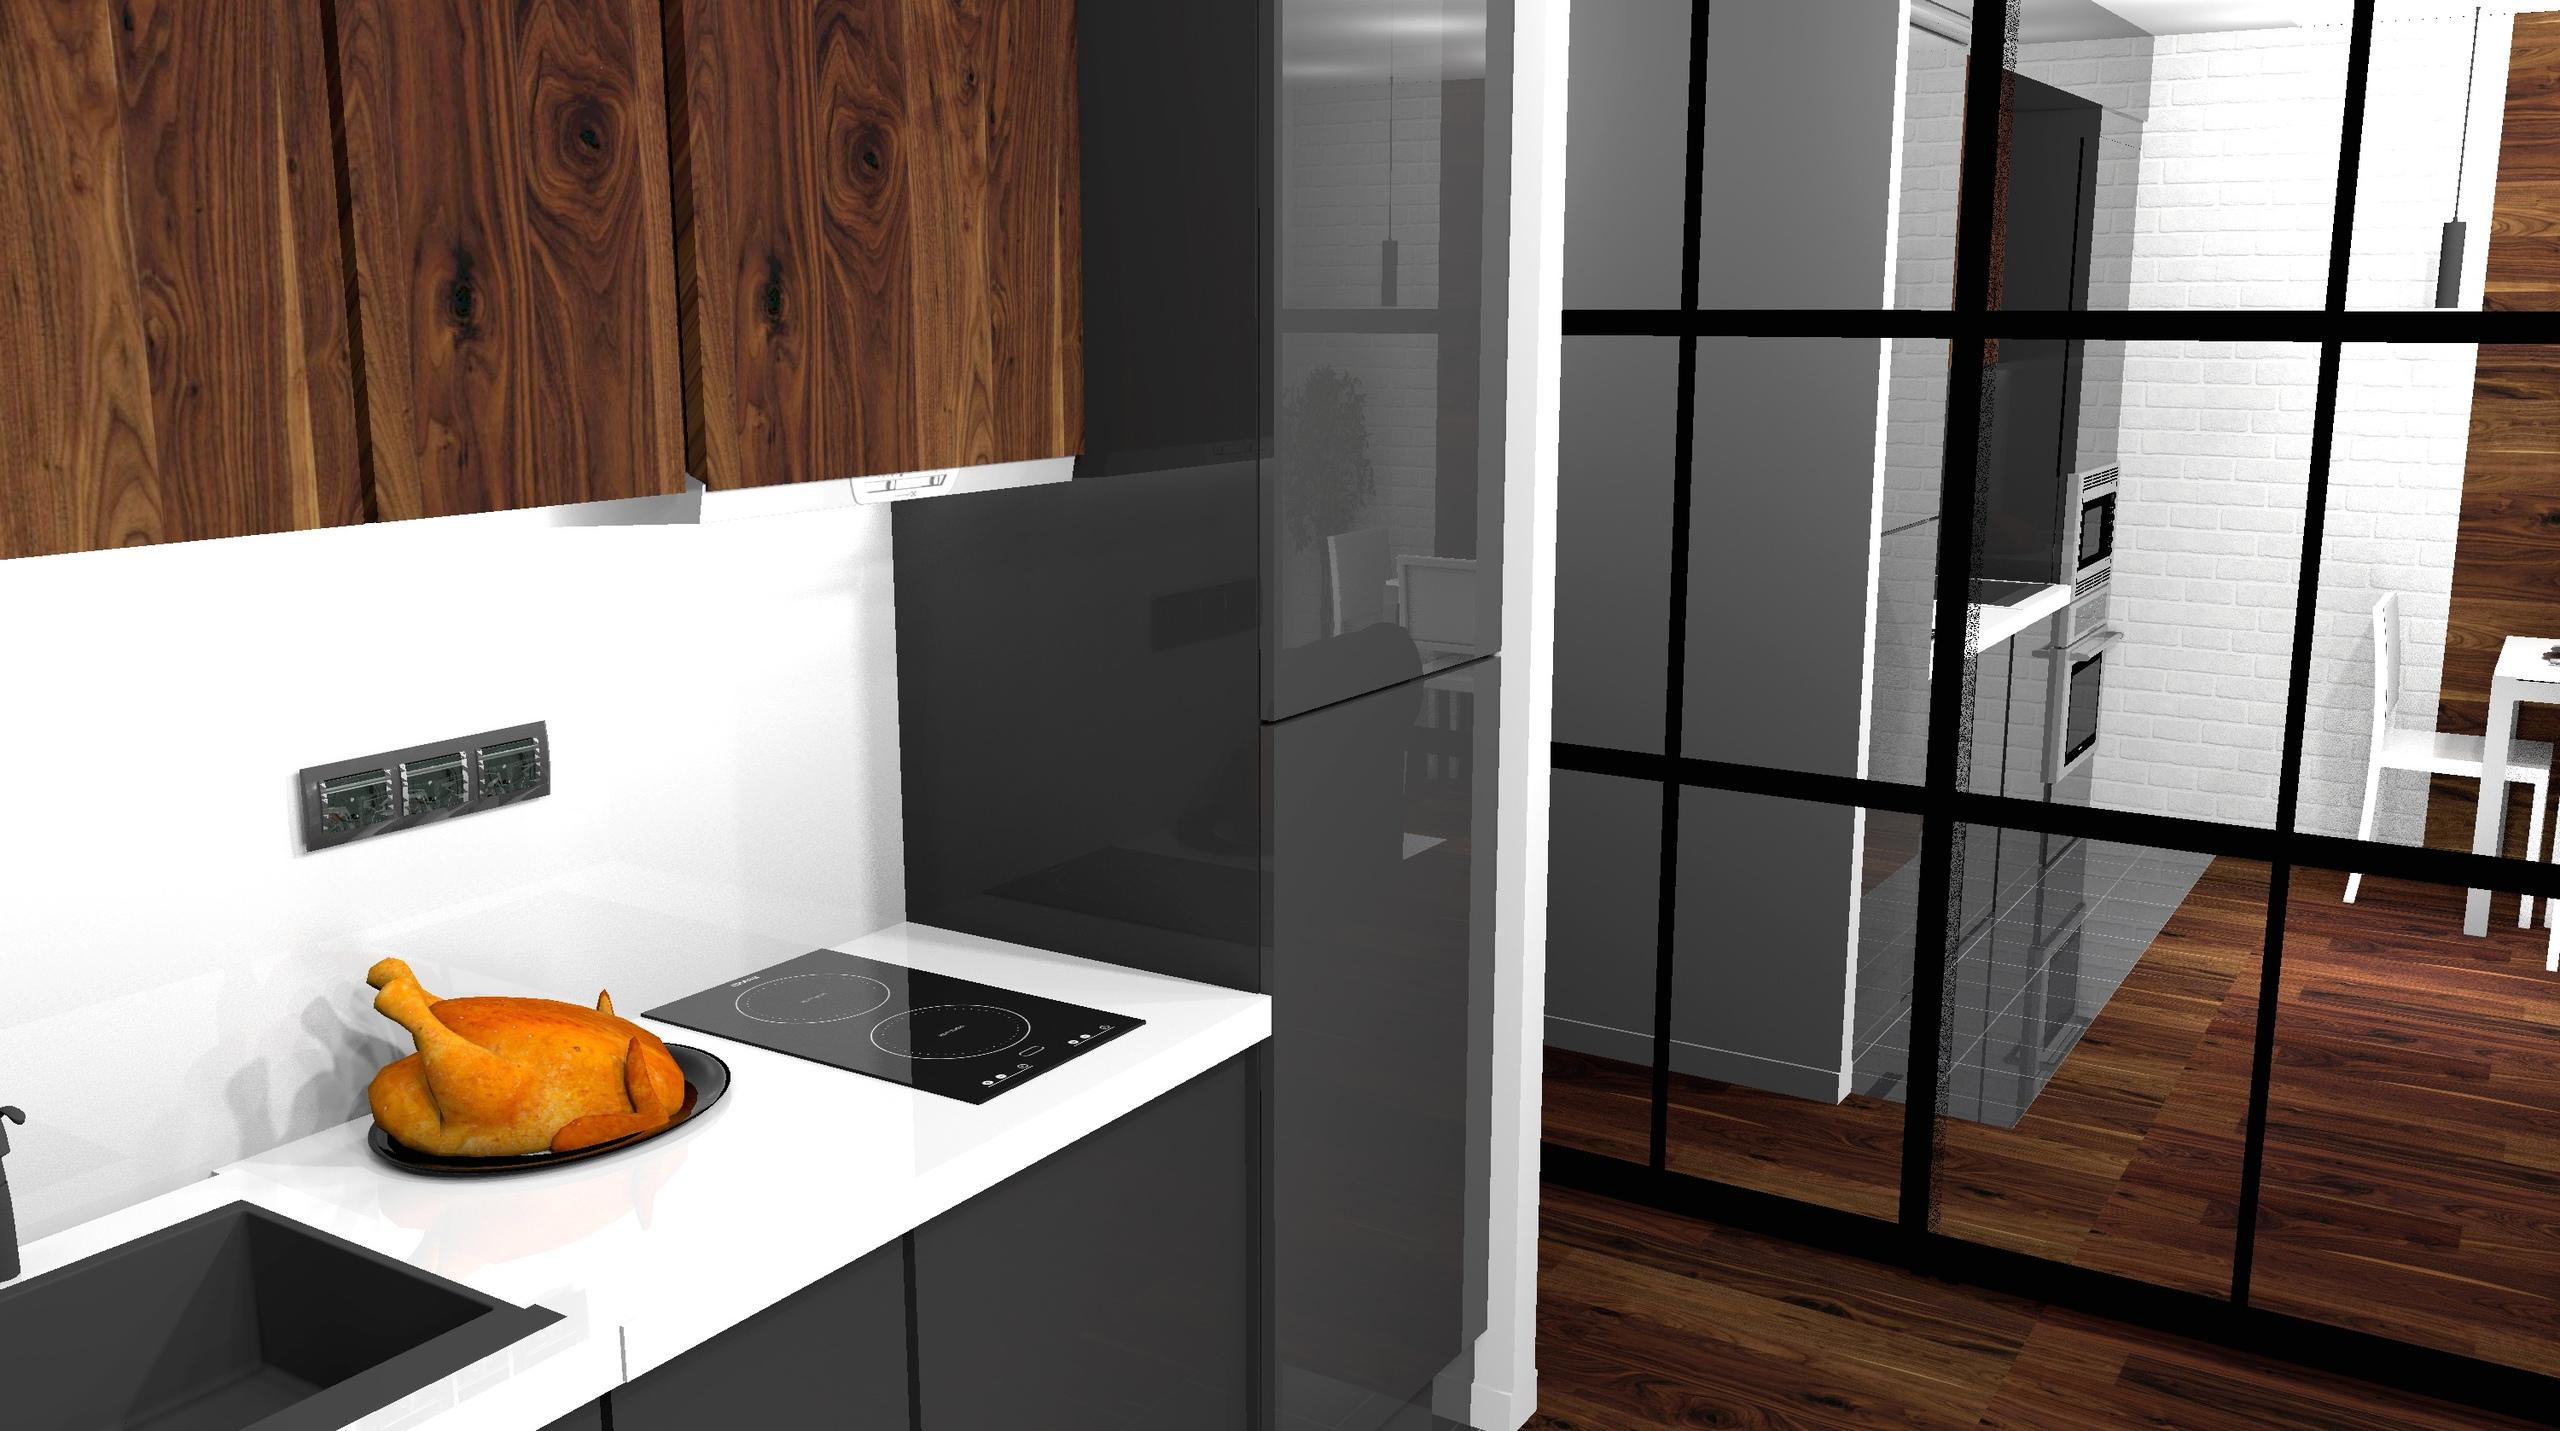 Дерево махагон + графит + зеркала, проект квартиры-студии 28.